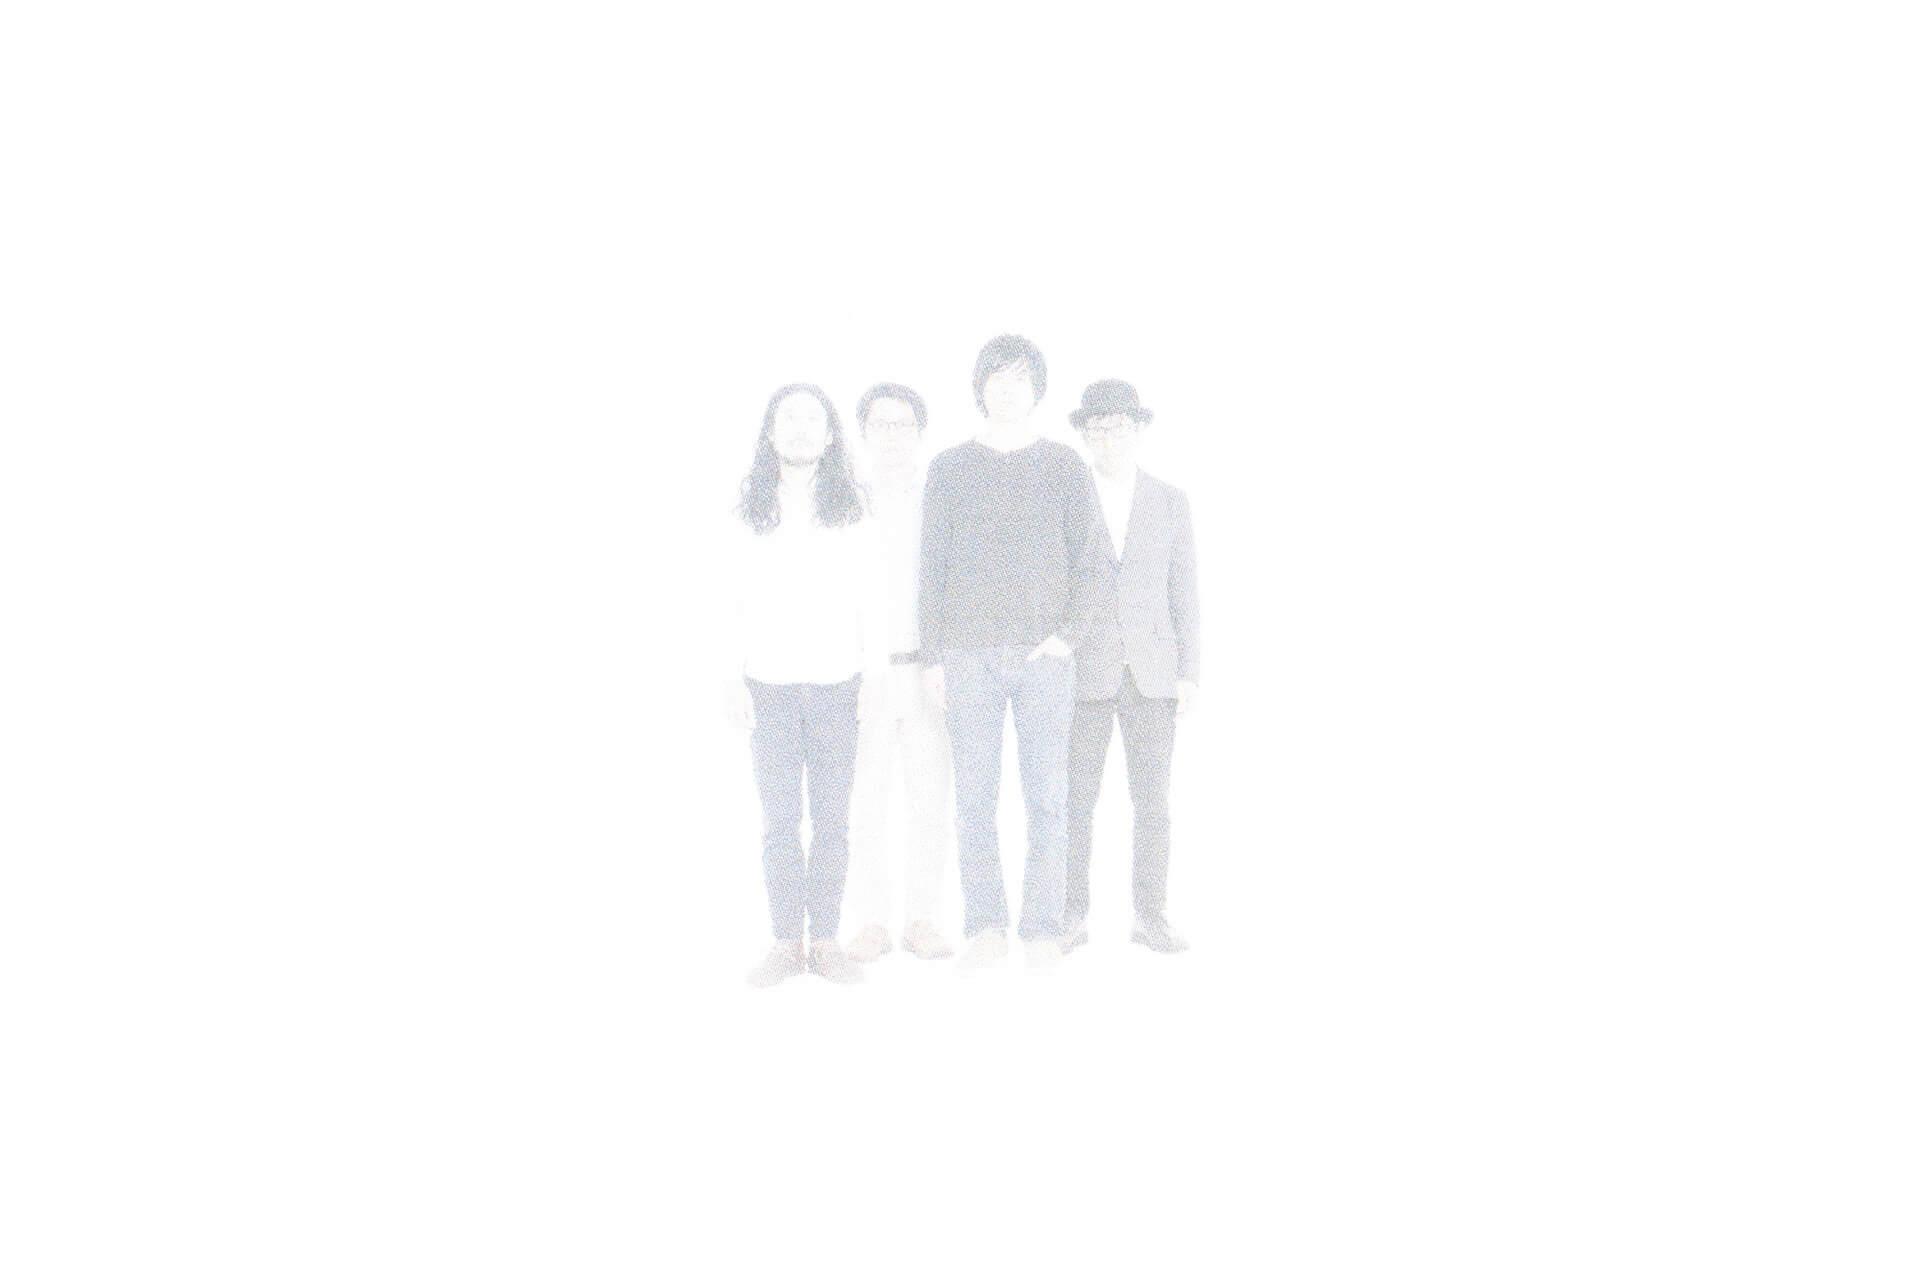 OGRE YOU ASSHOLE、9月発売の新作『新しい人』からタイトル曲が先行配信スタート music190719-ogreyouasshole